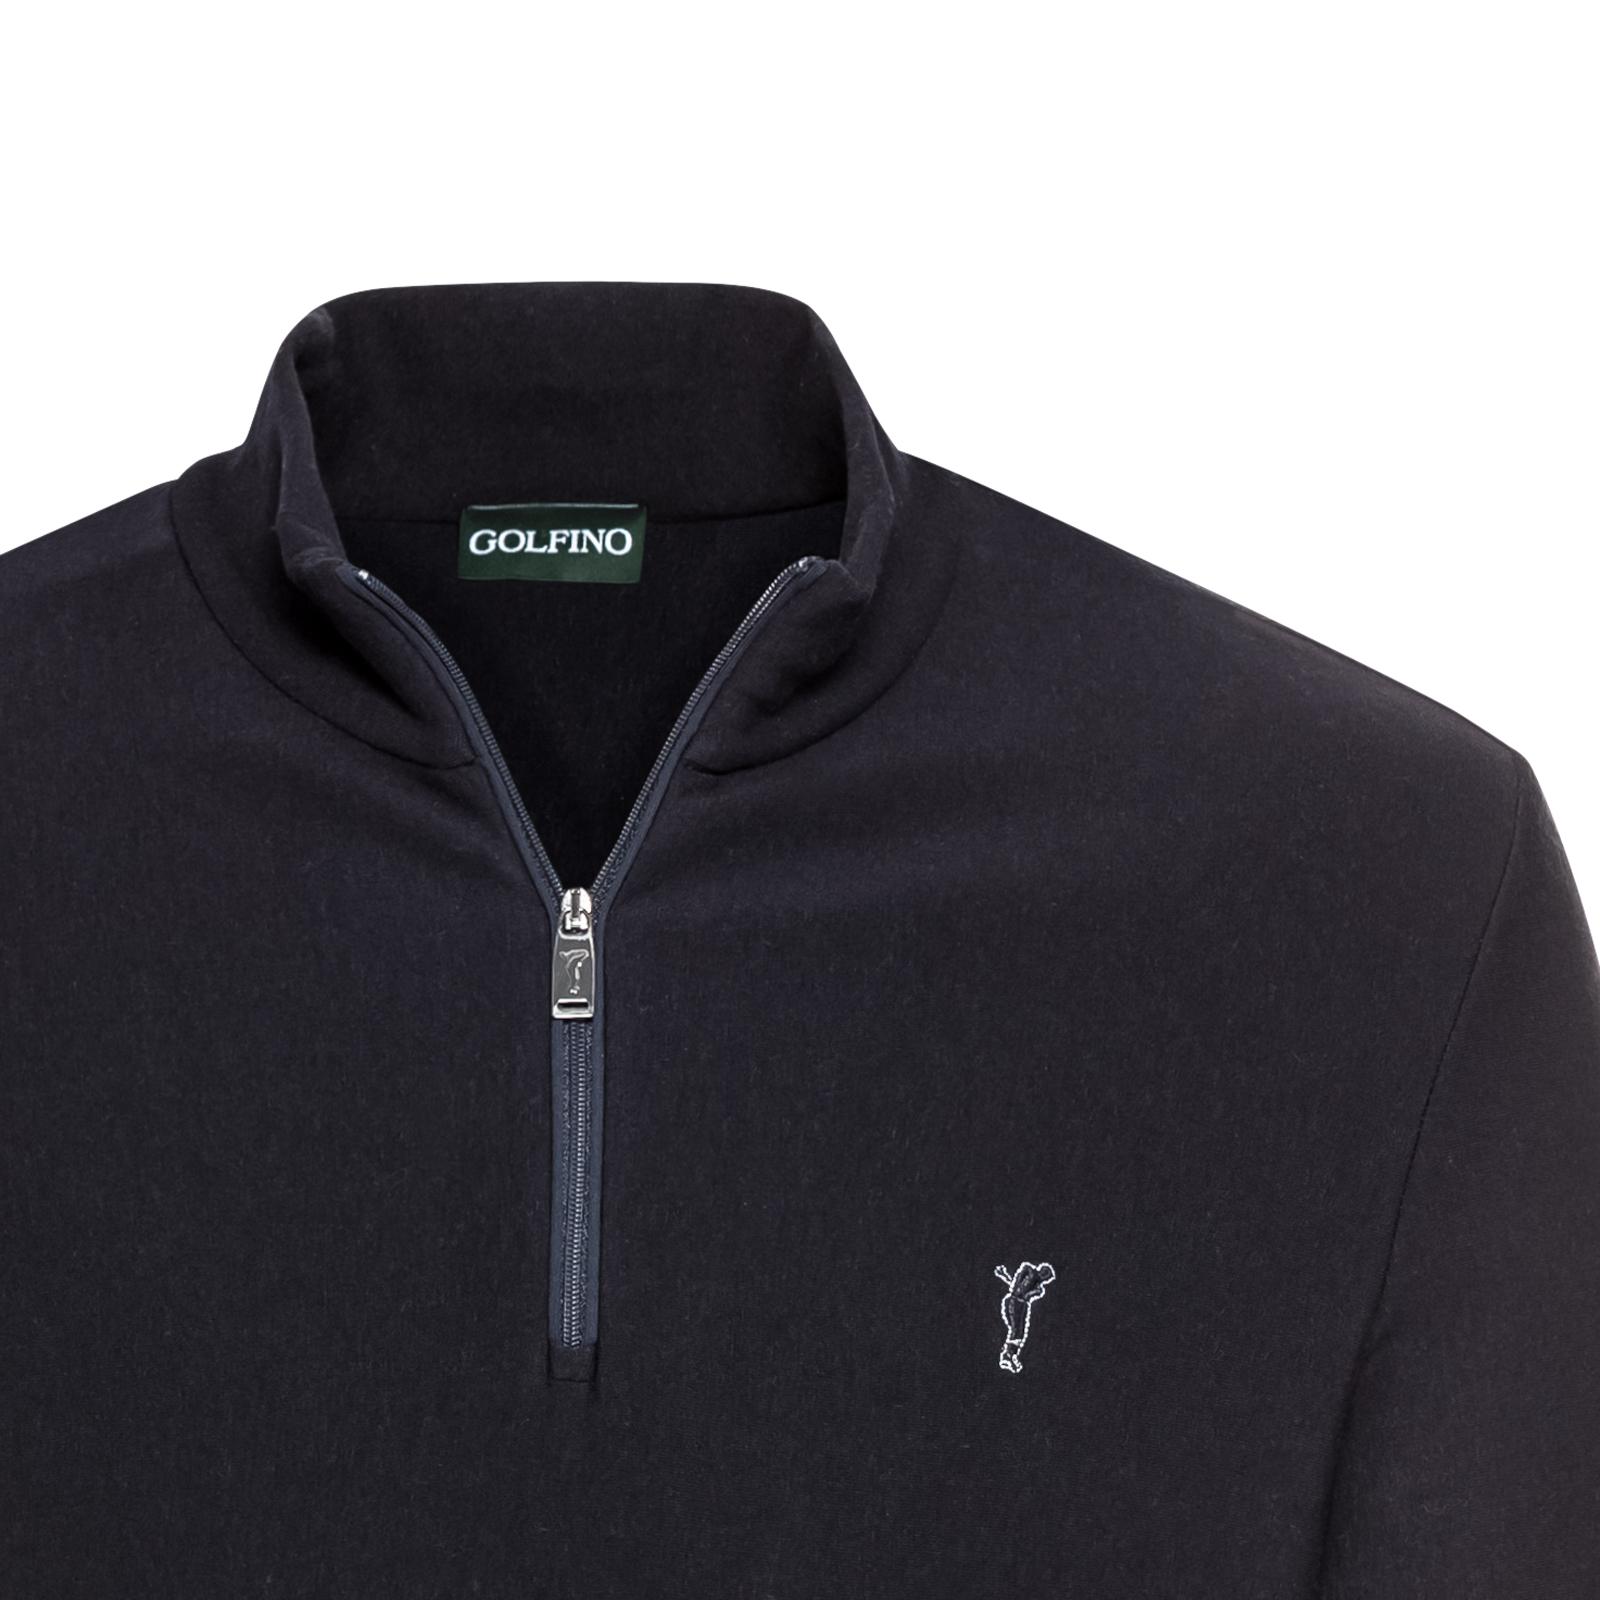 Herren Golf Sweater mit Tencel-Anteil